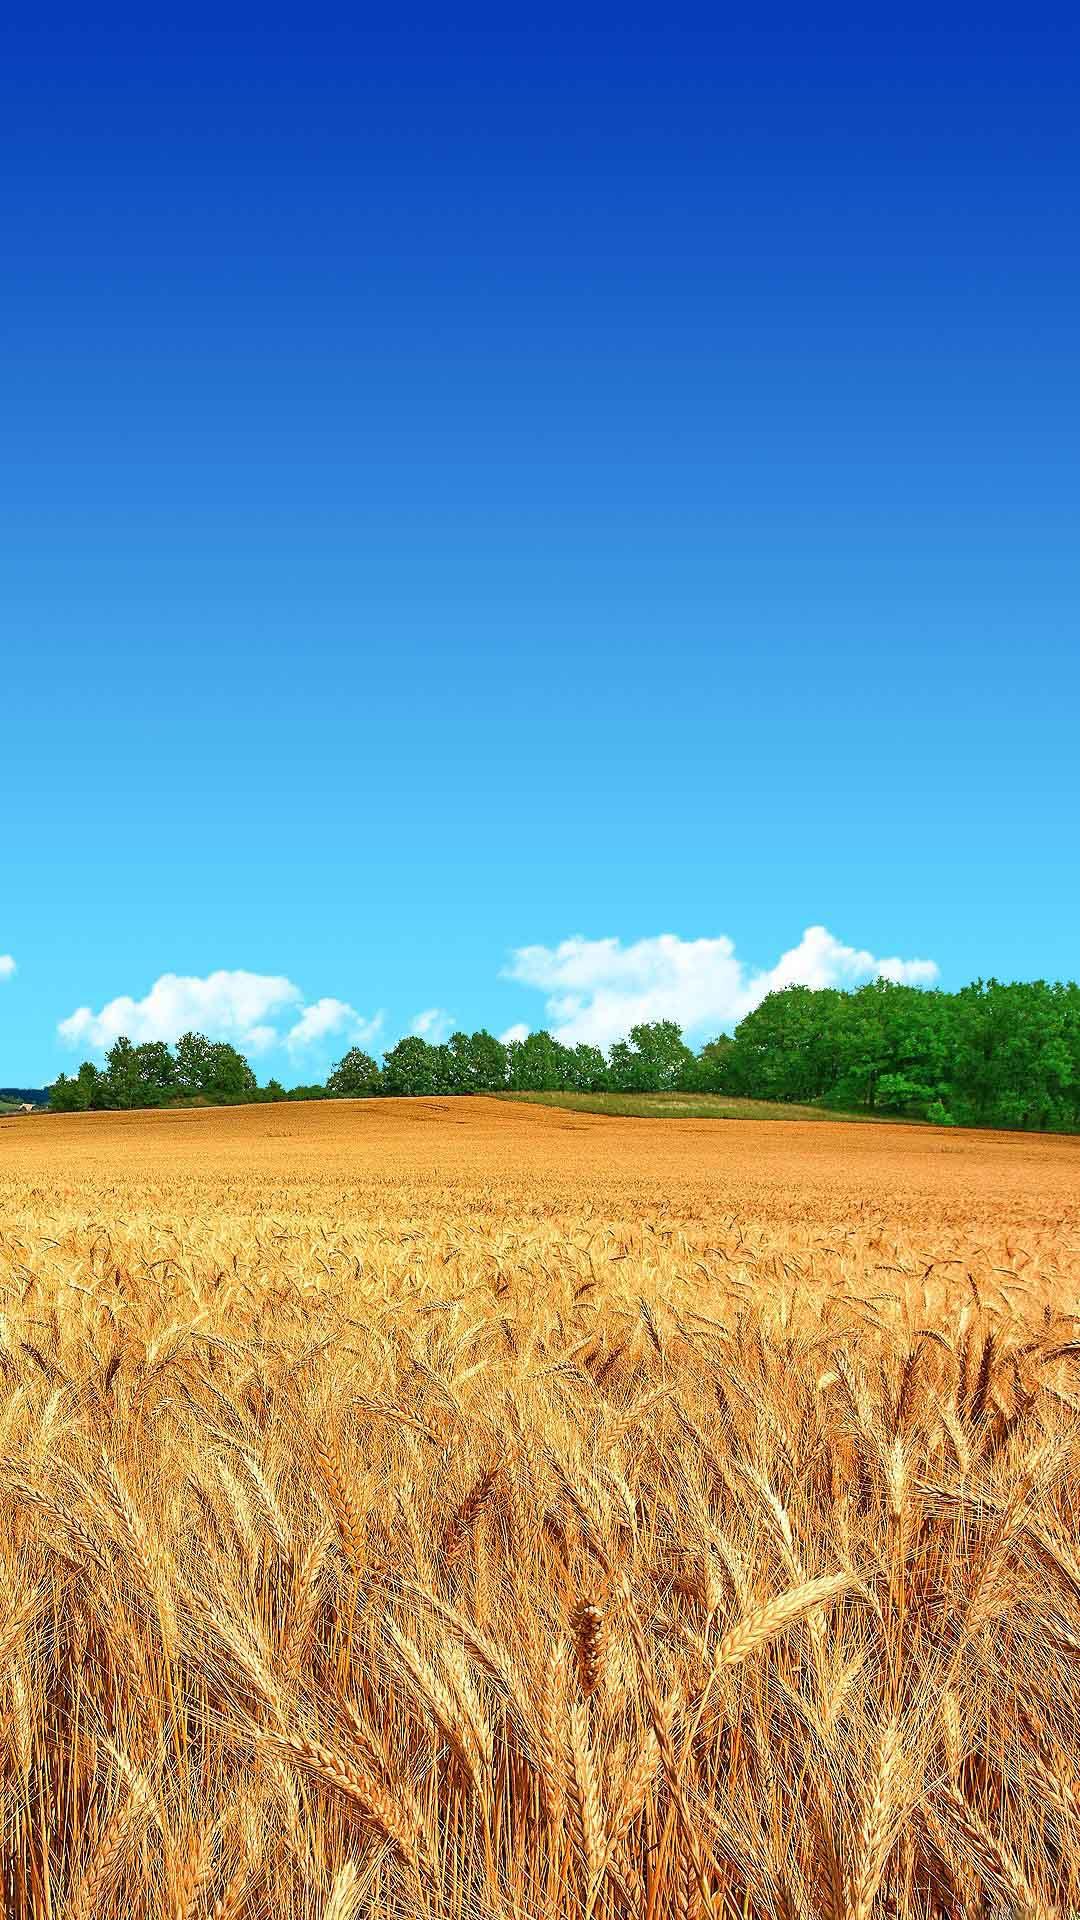 Wheat Field Clear Blue Sky Best Htc One Wallpapers